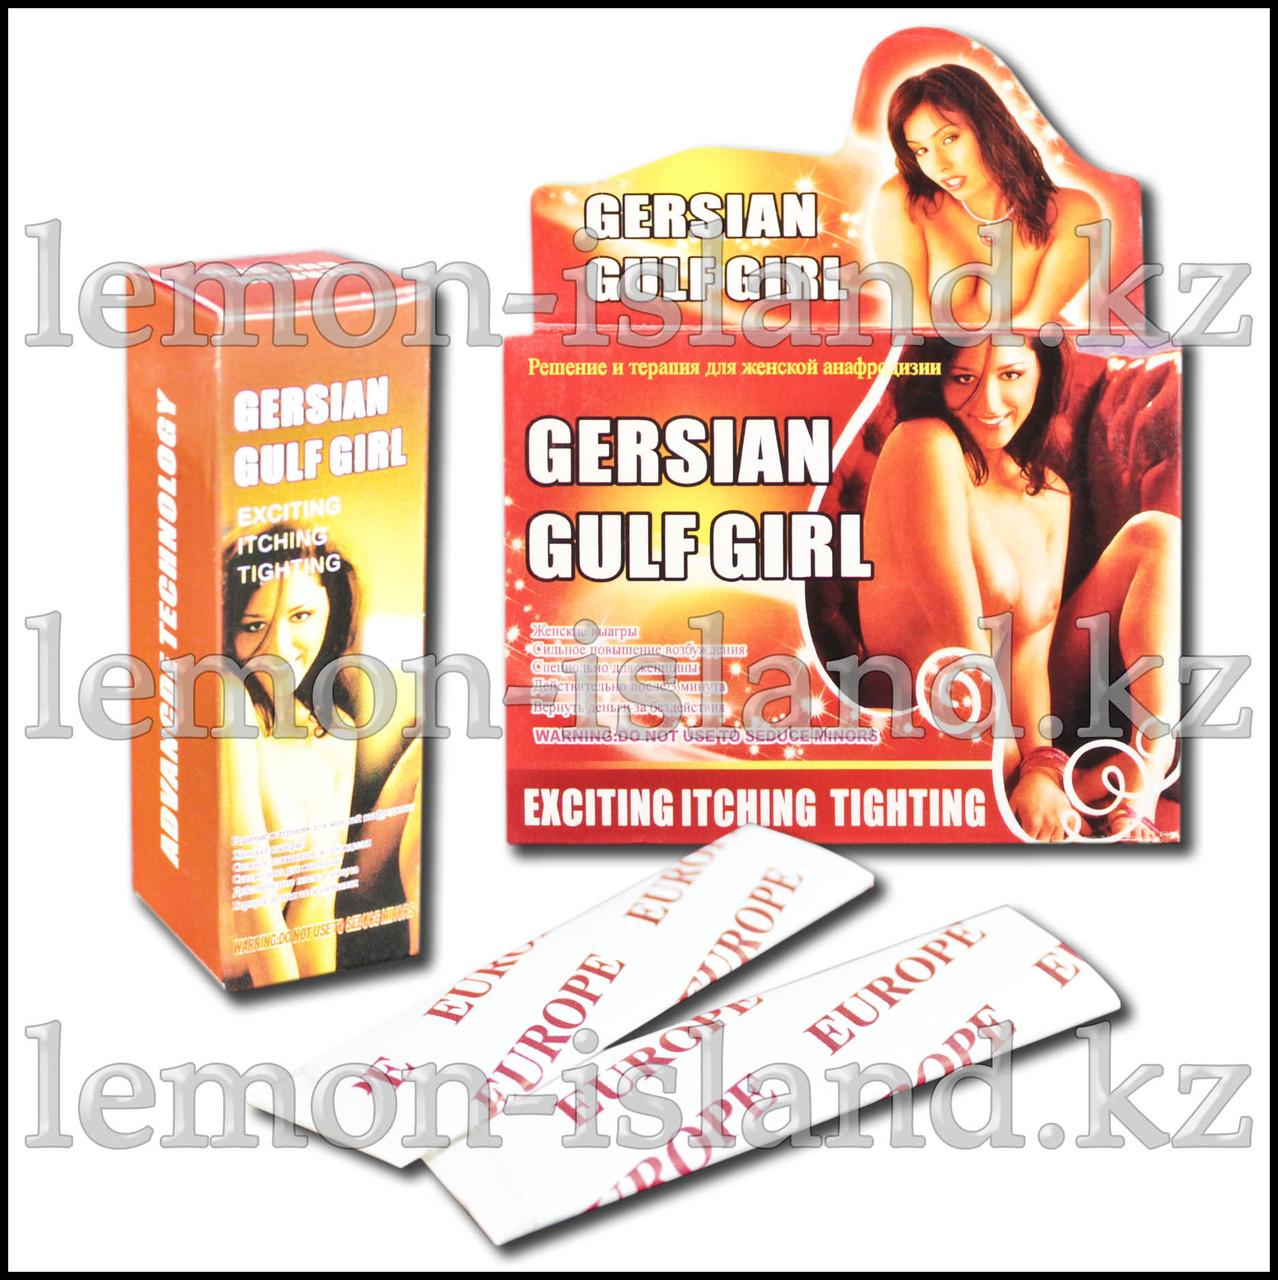 """Женские возбуждающие жвачки """"Persian Gulf Girl""""."""